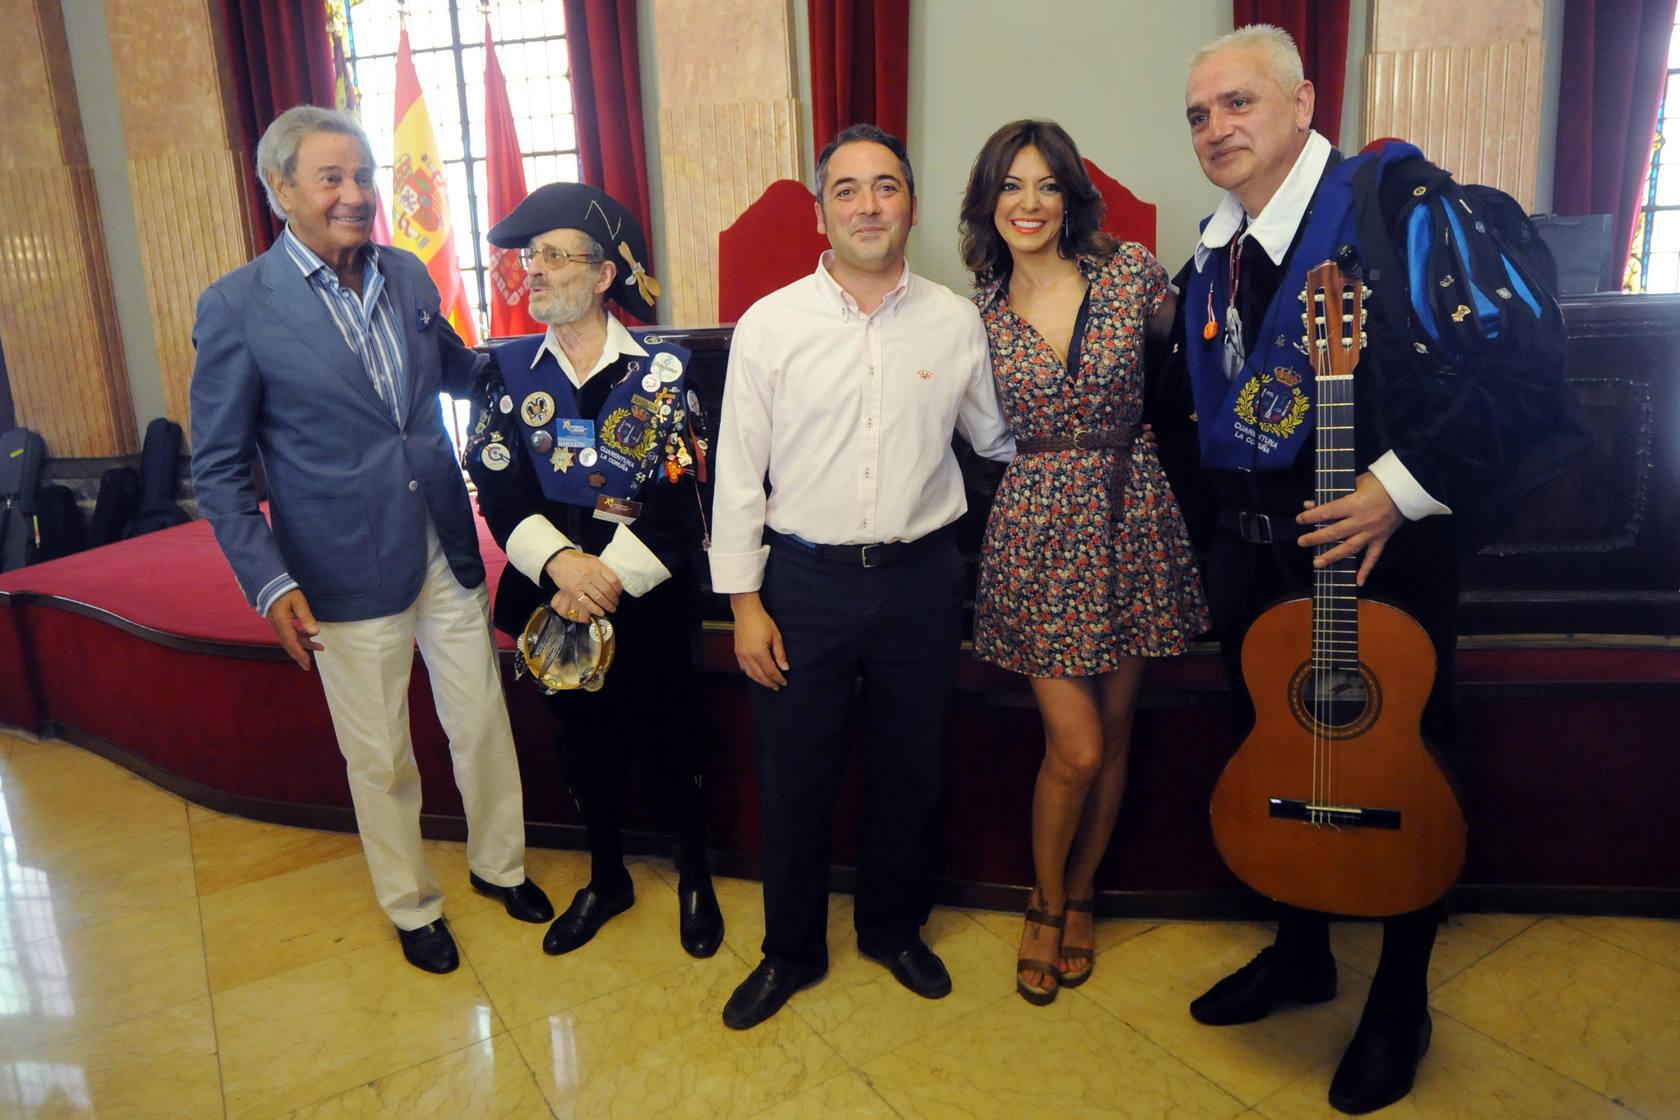 Arturo Fernández y Merche se arrancan a bailar a ritmo de bandurrias y panderetas